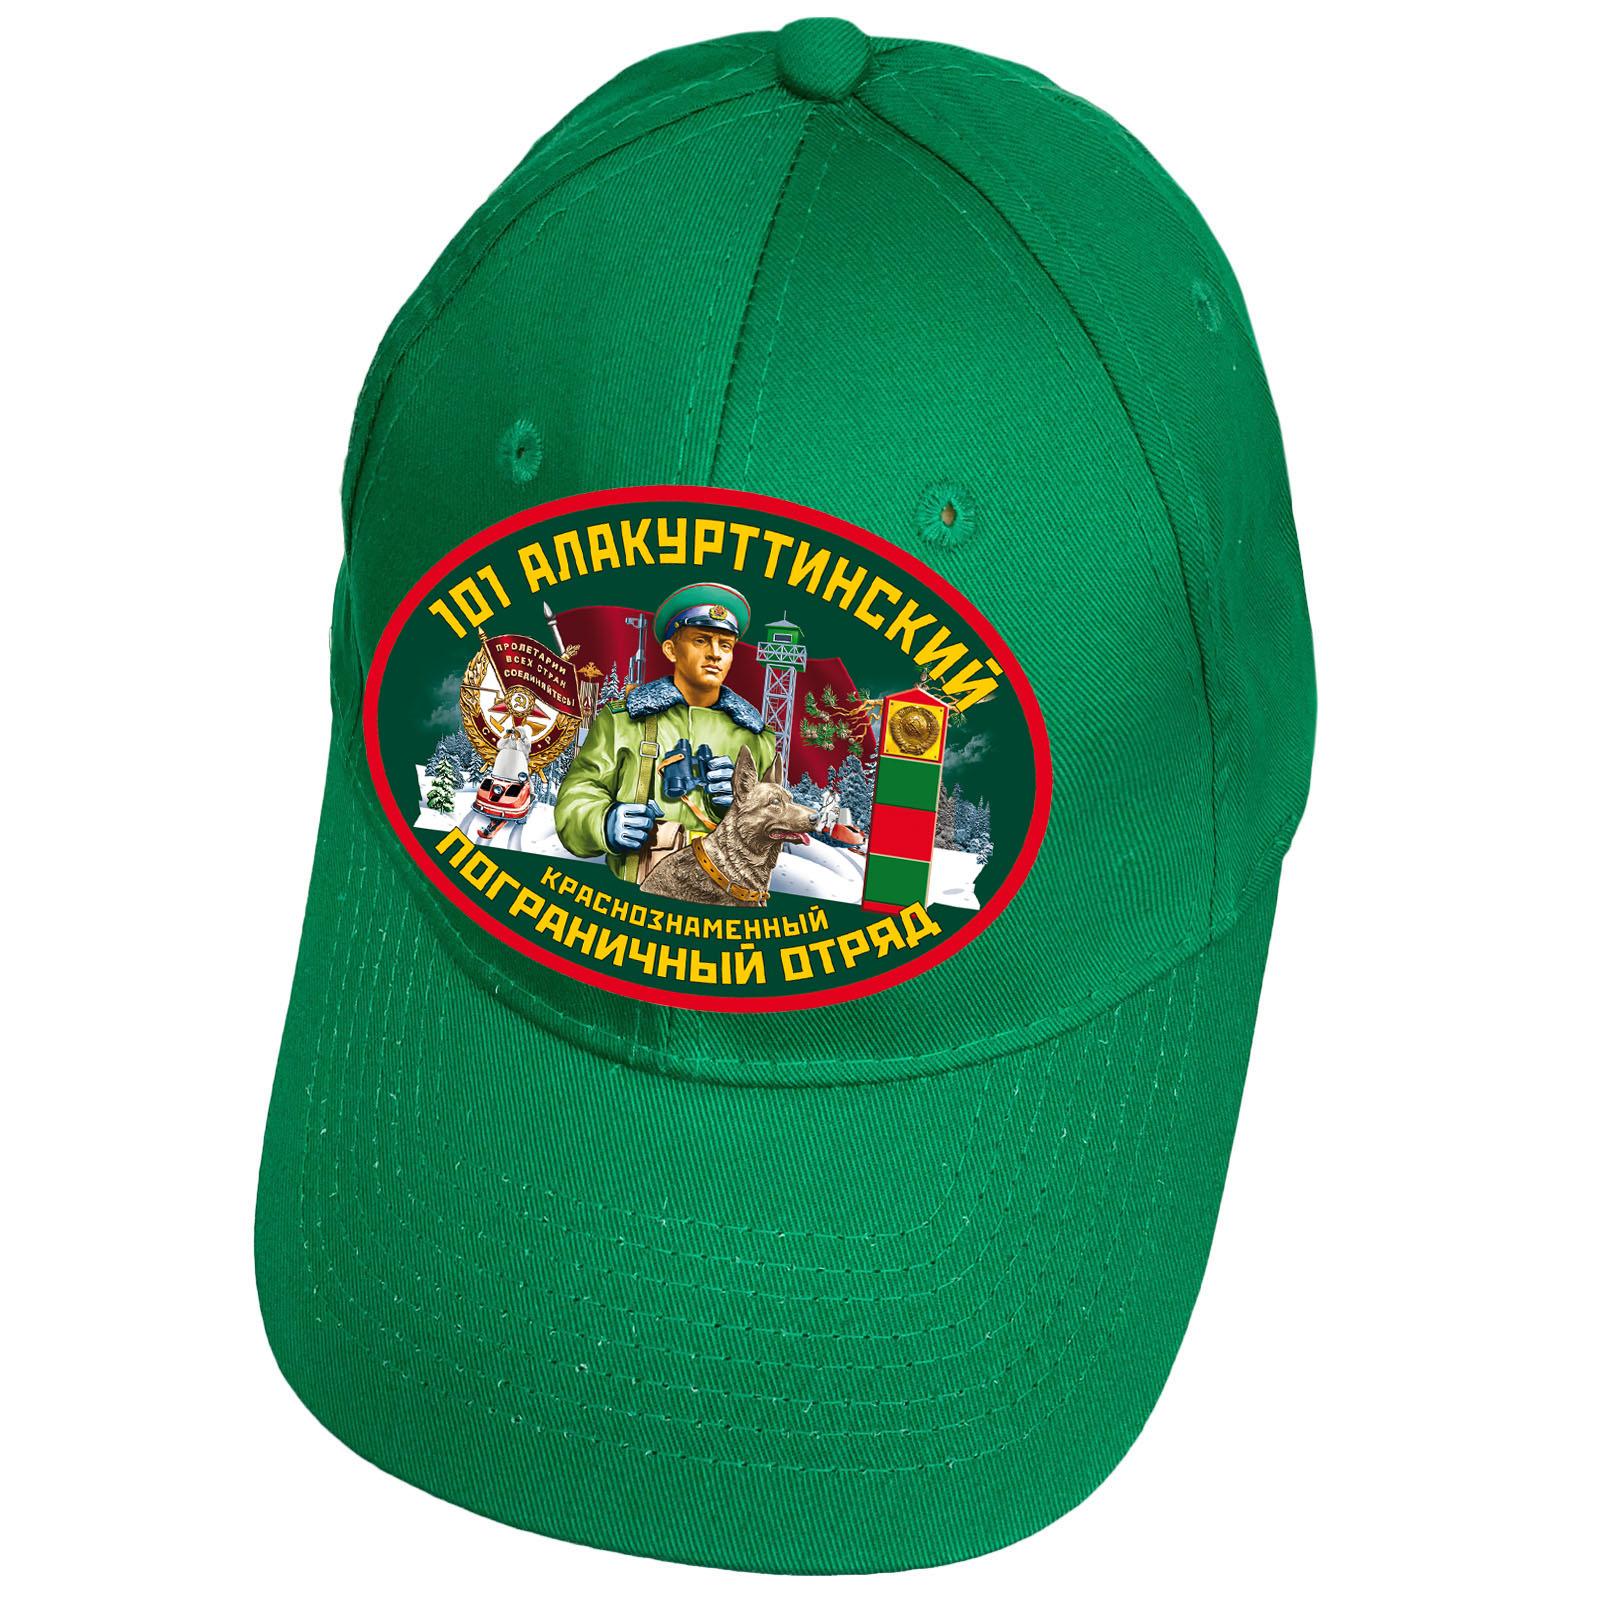 Зелёная кепка 101 Алакурттинский пограничный отряд